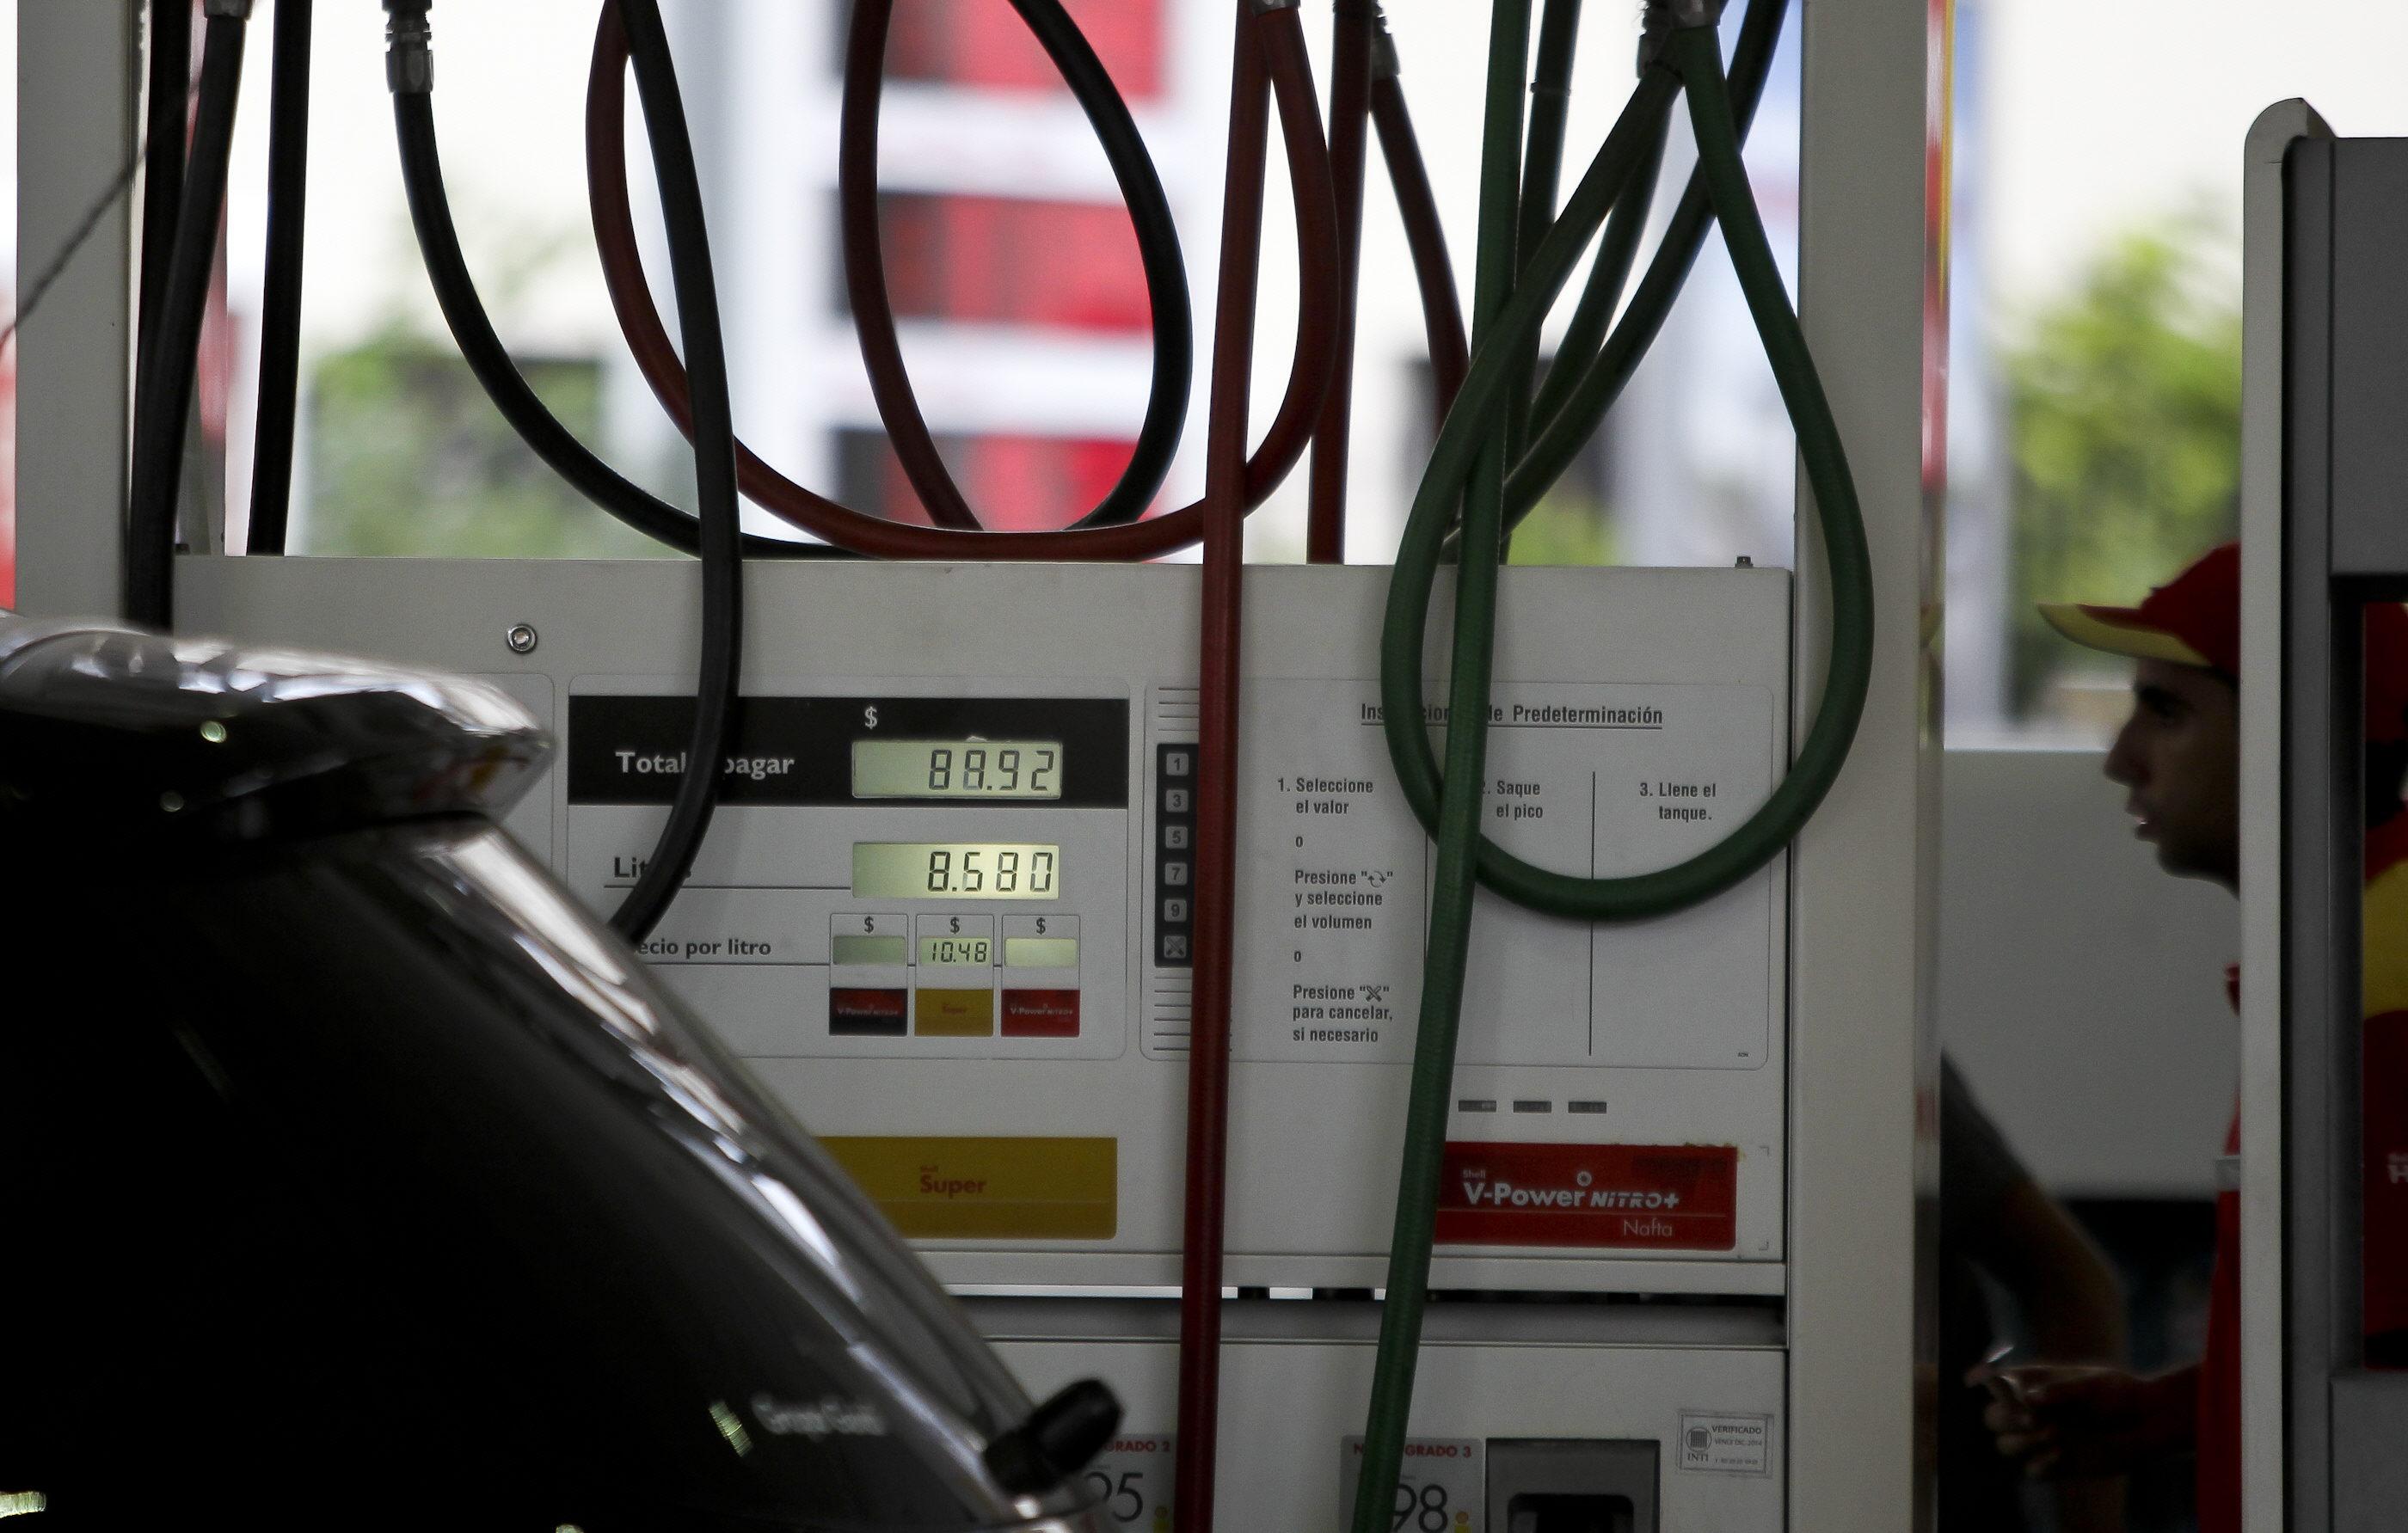 El precio del barril de la OPEP sube 1 dólar y se sitúa en 103,16 dólares